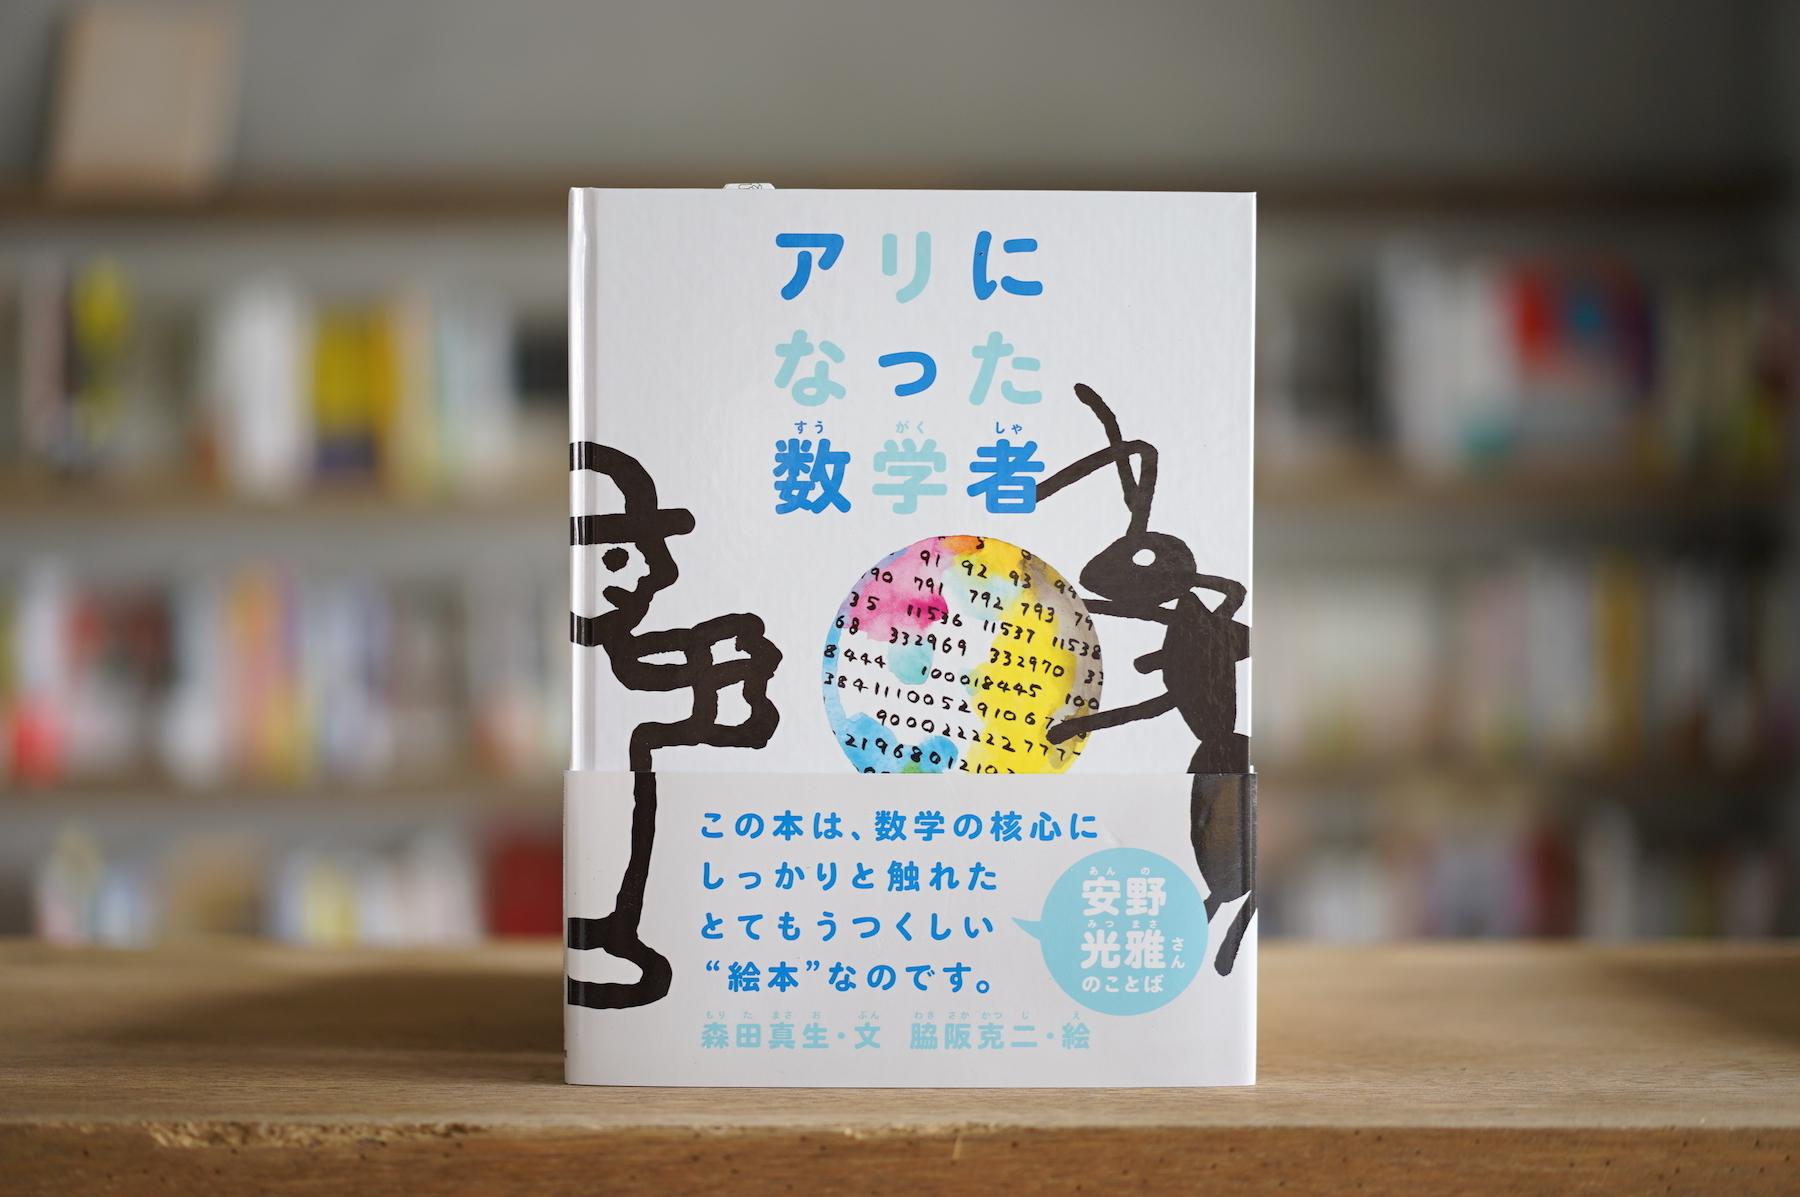 文:森田真生 絵:脇阪克二 『アリになった数学者』 (福音館書店、2018)